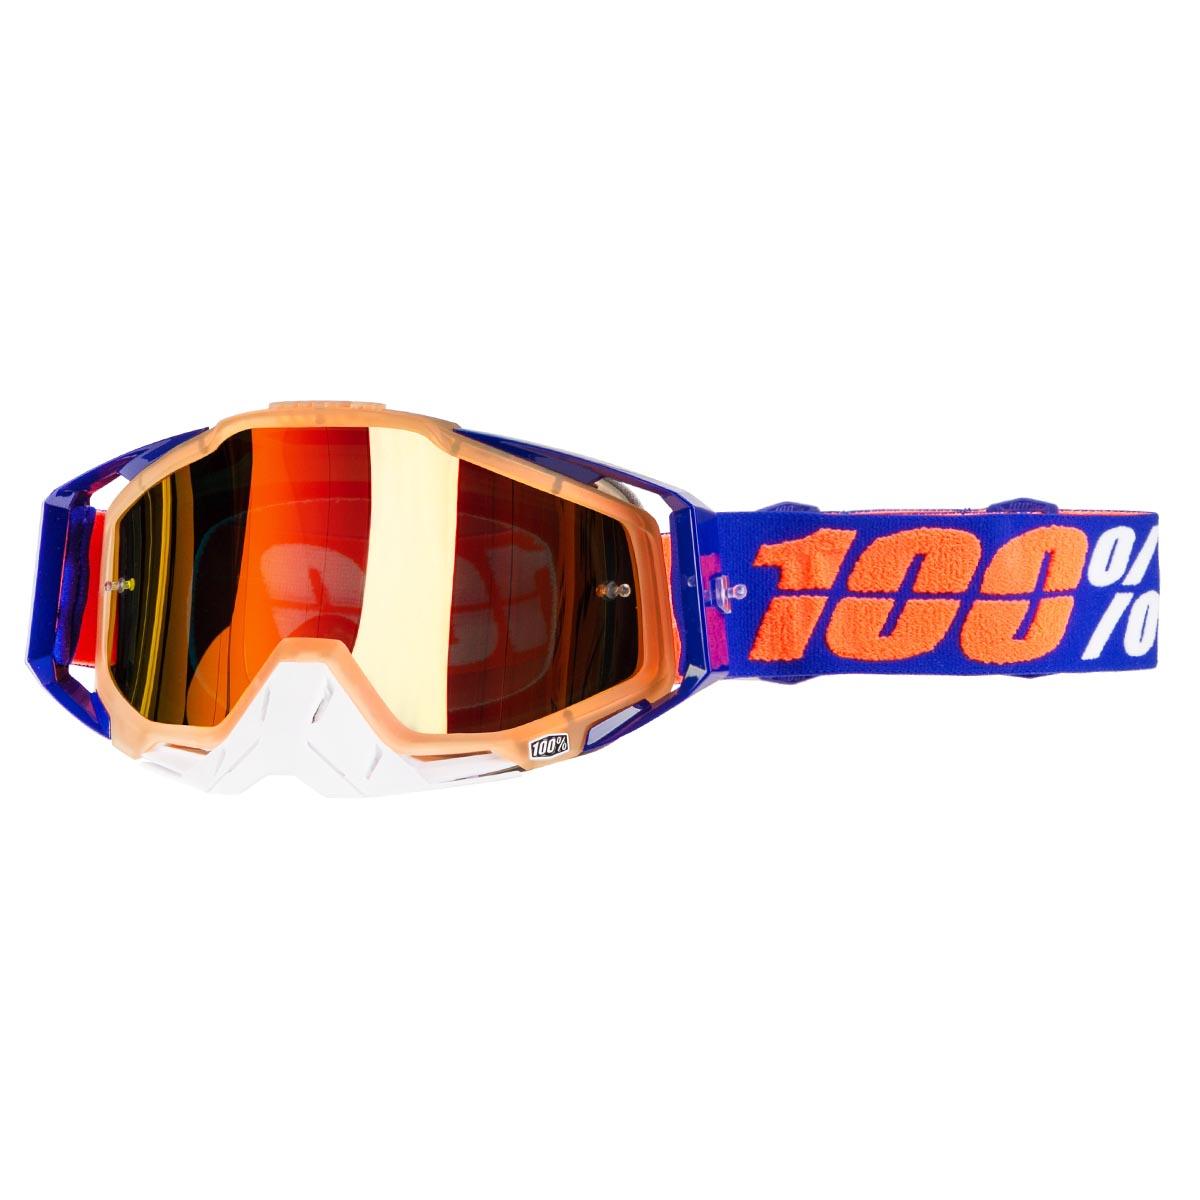 100% Crossbrille The Racecraft Derestricted - Rot verspiegelt Anti-Fog